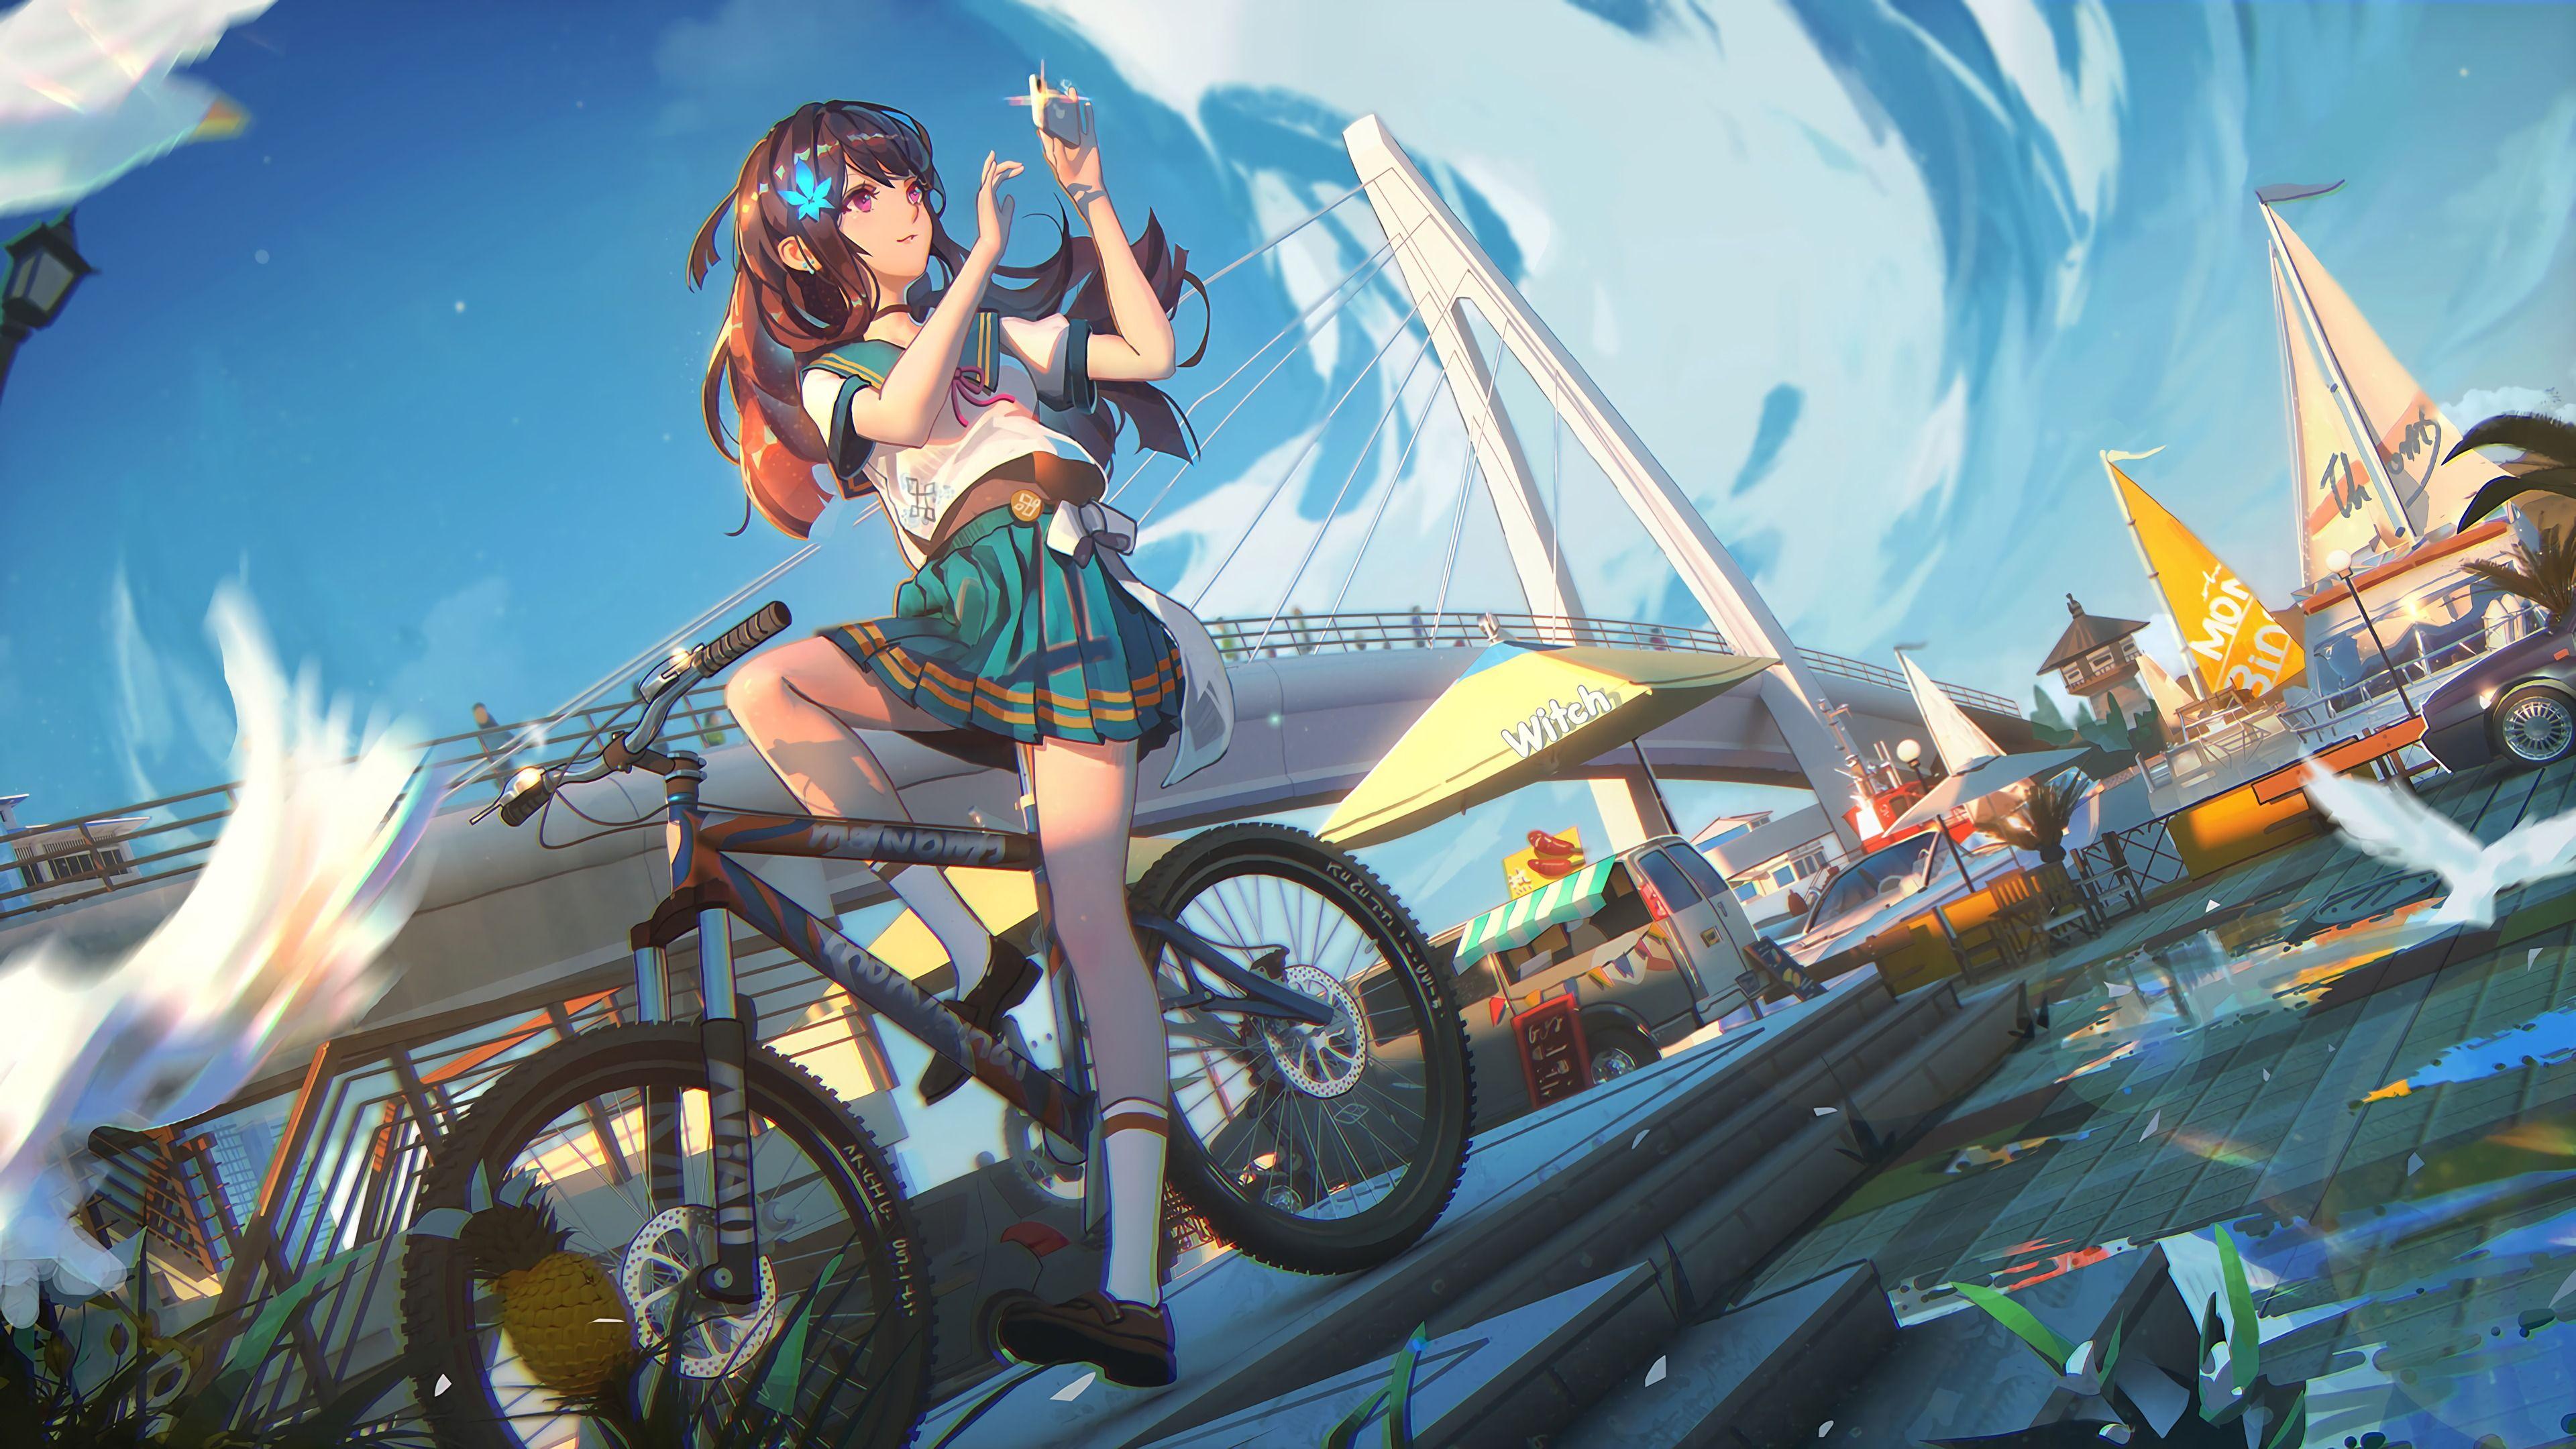 11 anime wallpaper for pc